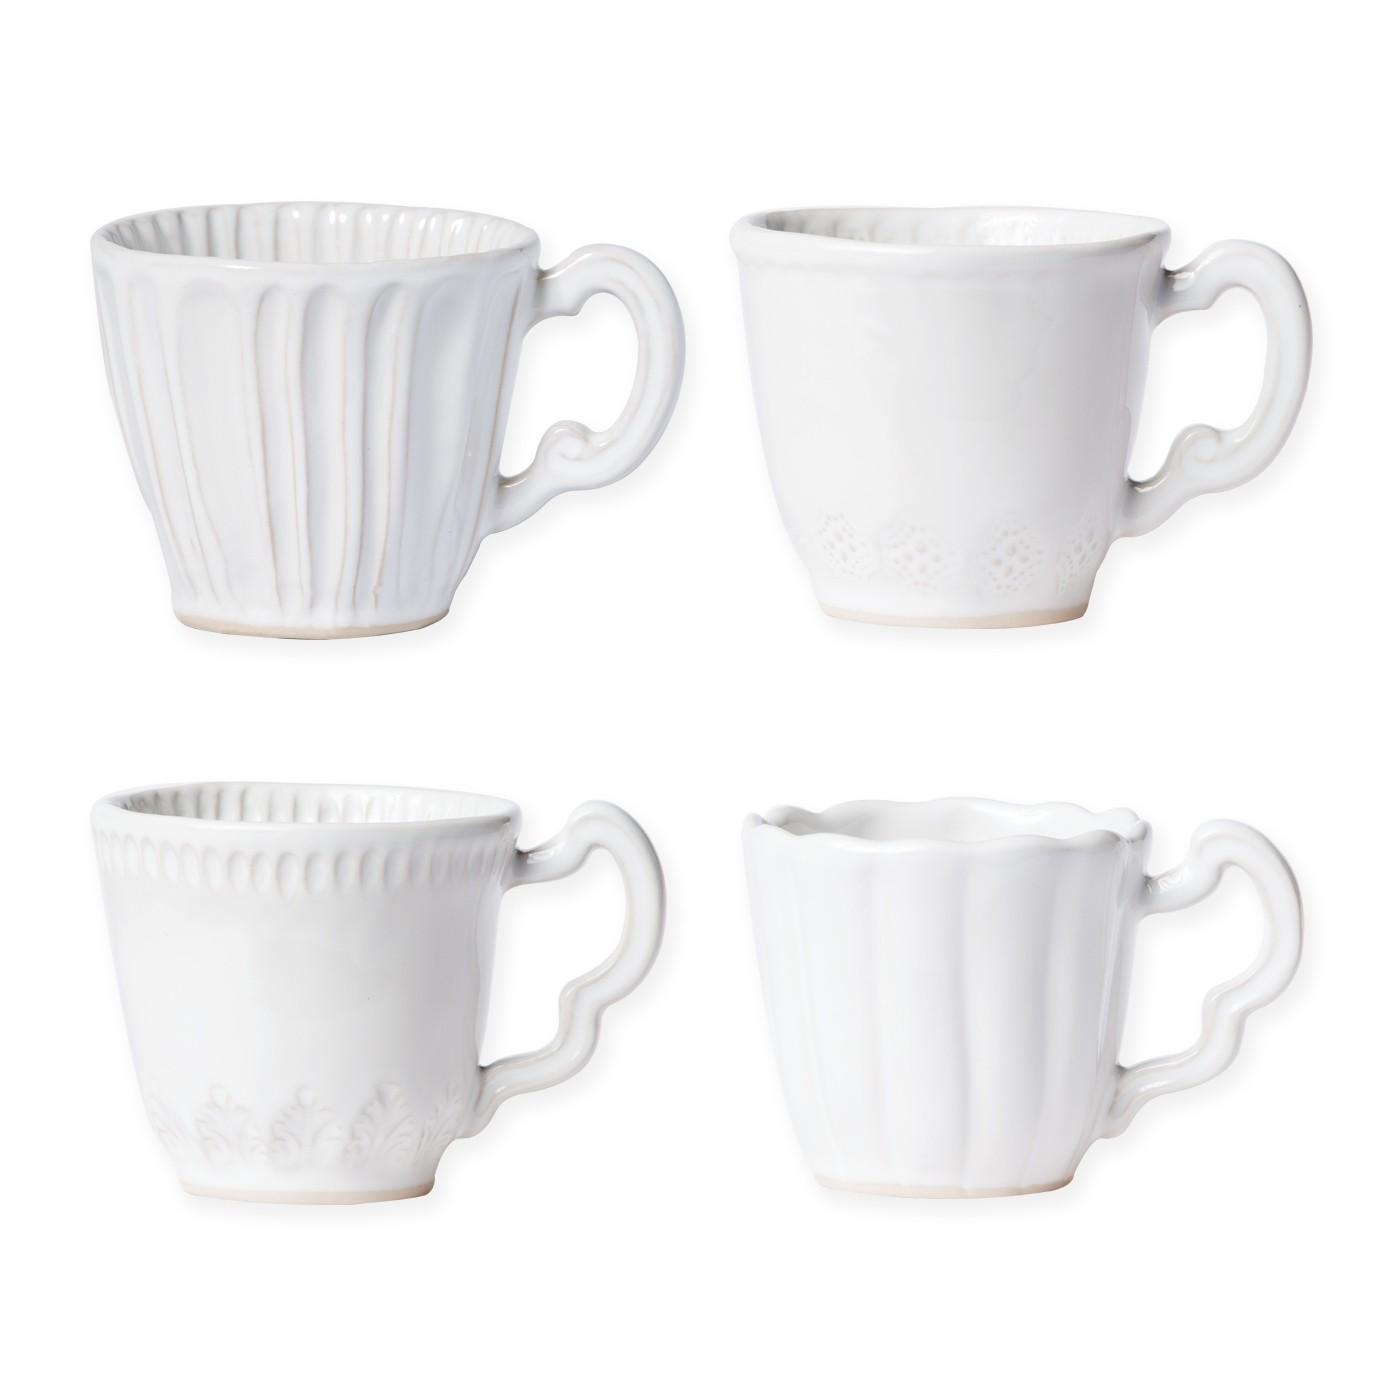 Incanto Stone White Assorted Mugs - Set Of 4 - 3.25 in. h 10 Oz  sc 1 st  Gracious Style & Vietri Incanto Stone White Dinnerware | Gracious Style